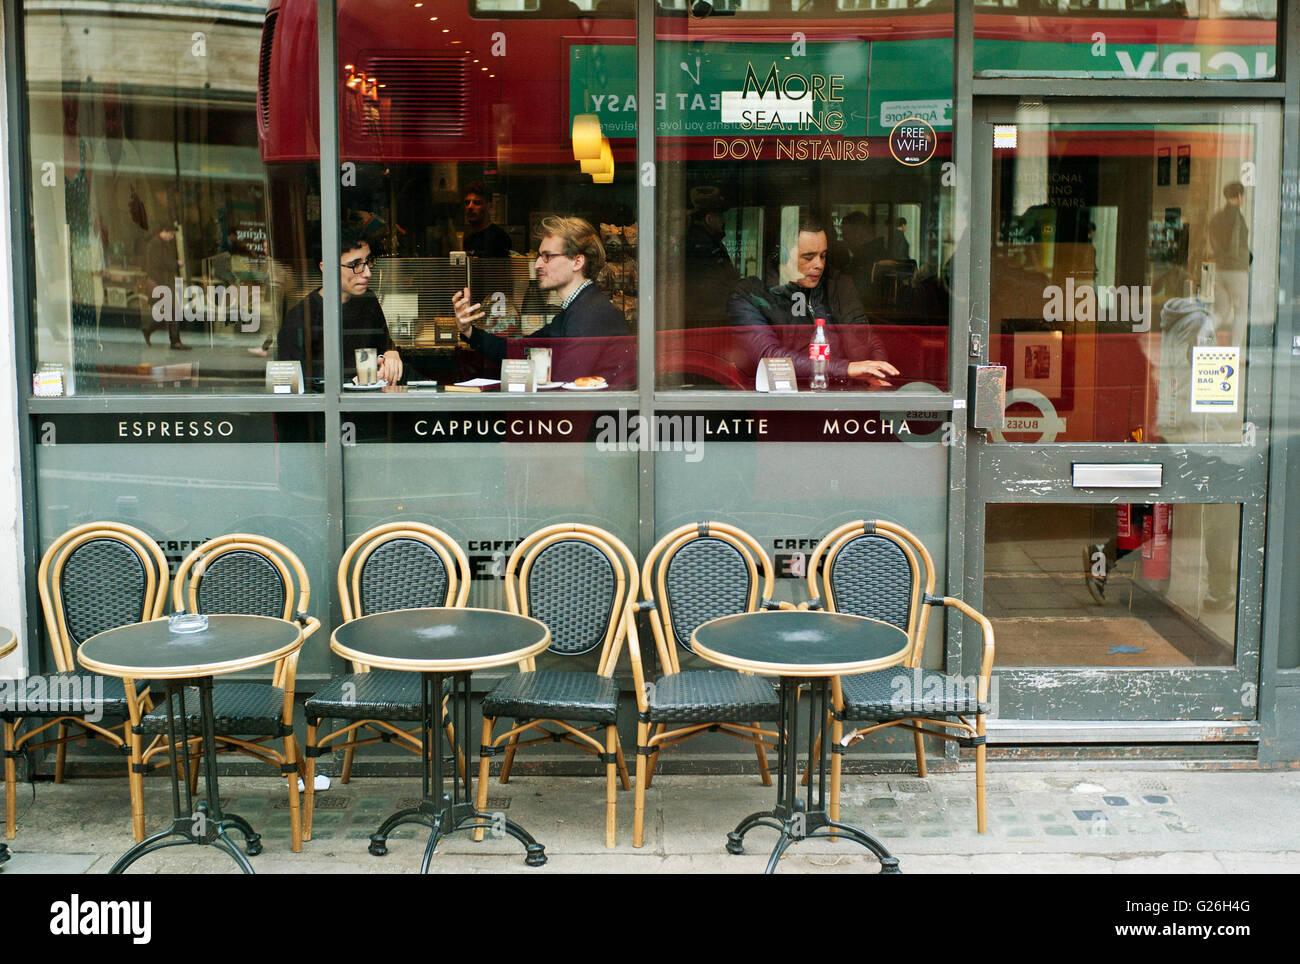 Café avec tables et chaises vides à l'extérieur avec des personnes à l'intérieur à la recherche d'une fenêtre Banque D'Images